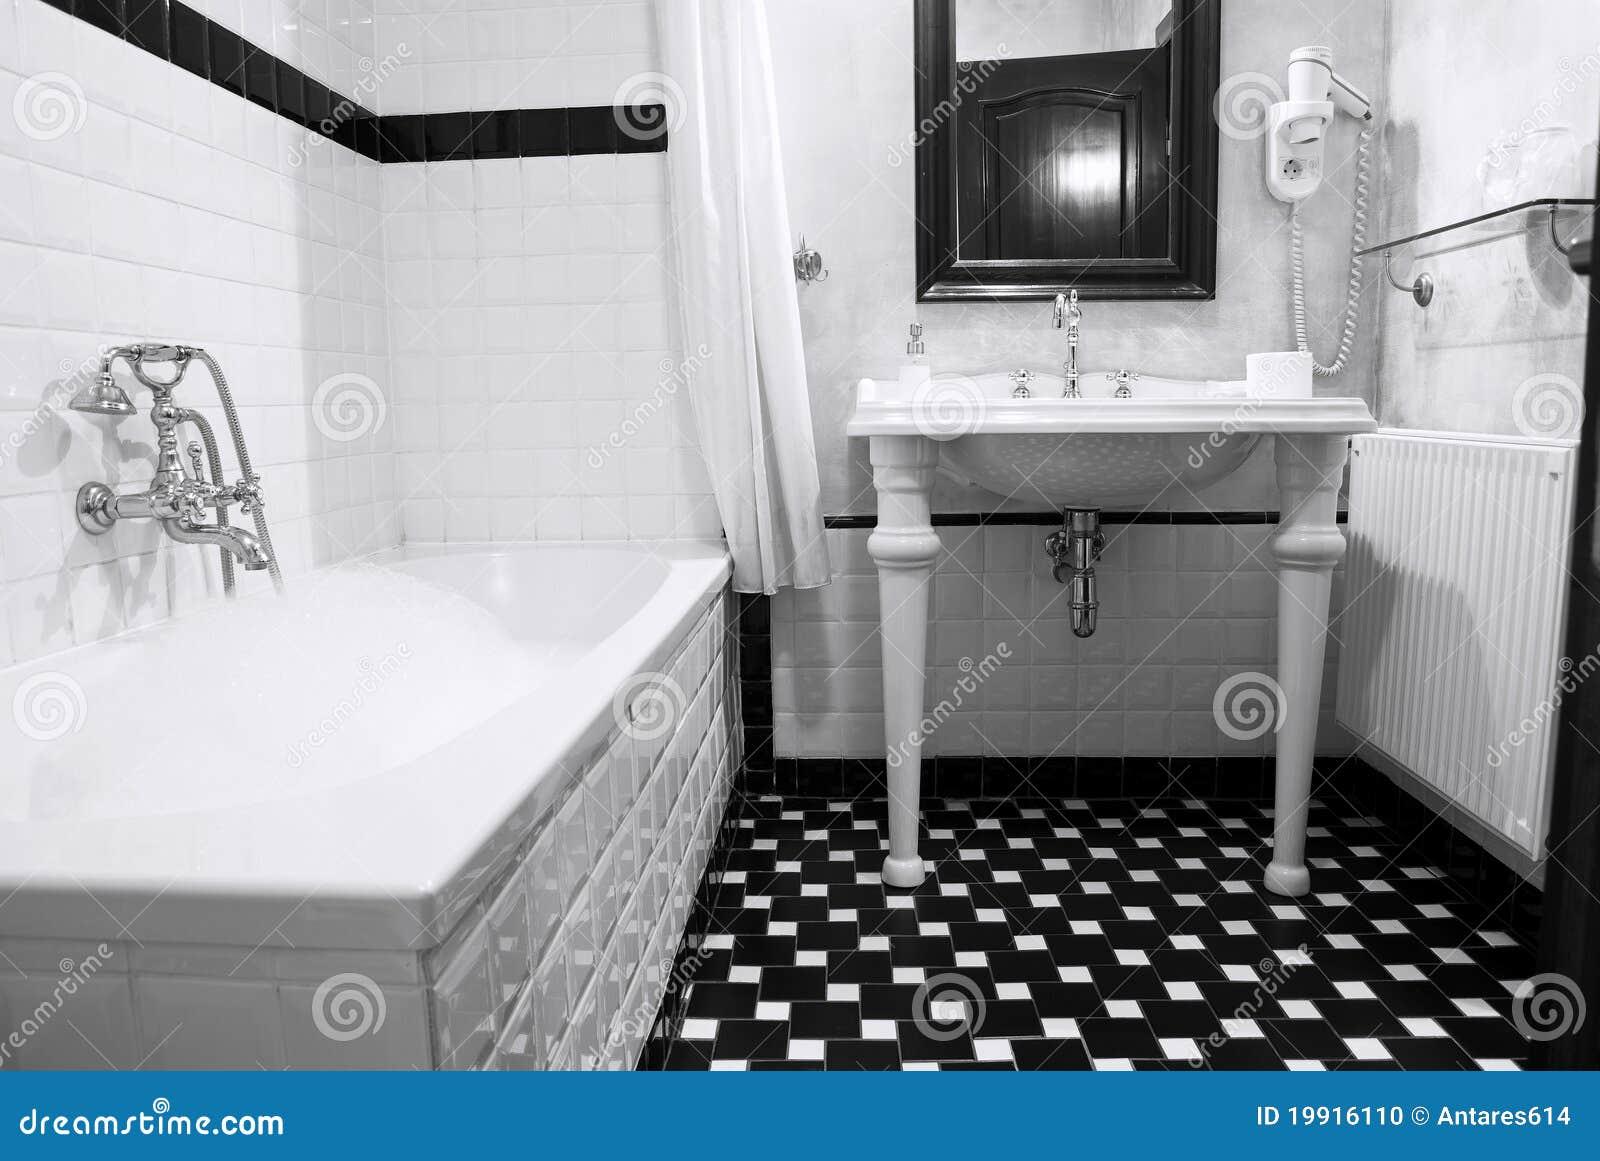 Stanza da bagno fotografia stock immagine di bagno decorazione 19916110 - Bagno bianco nero ...